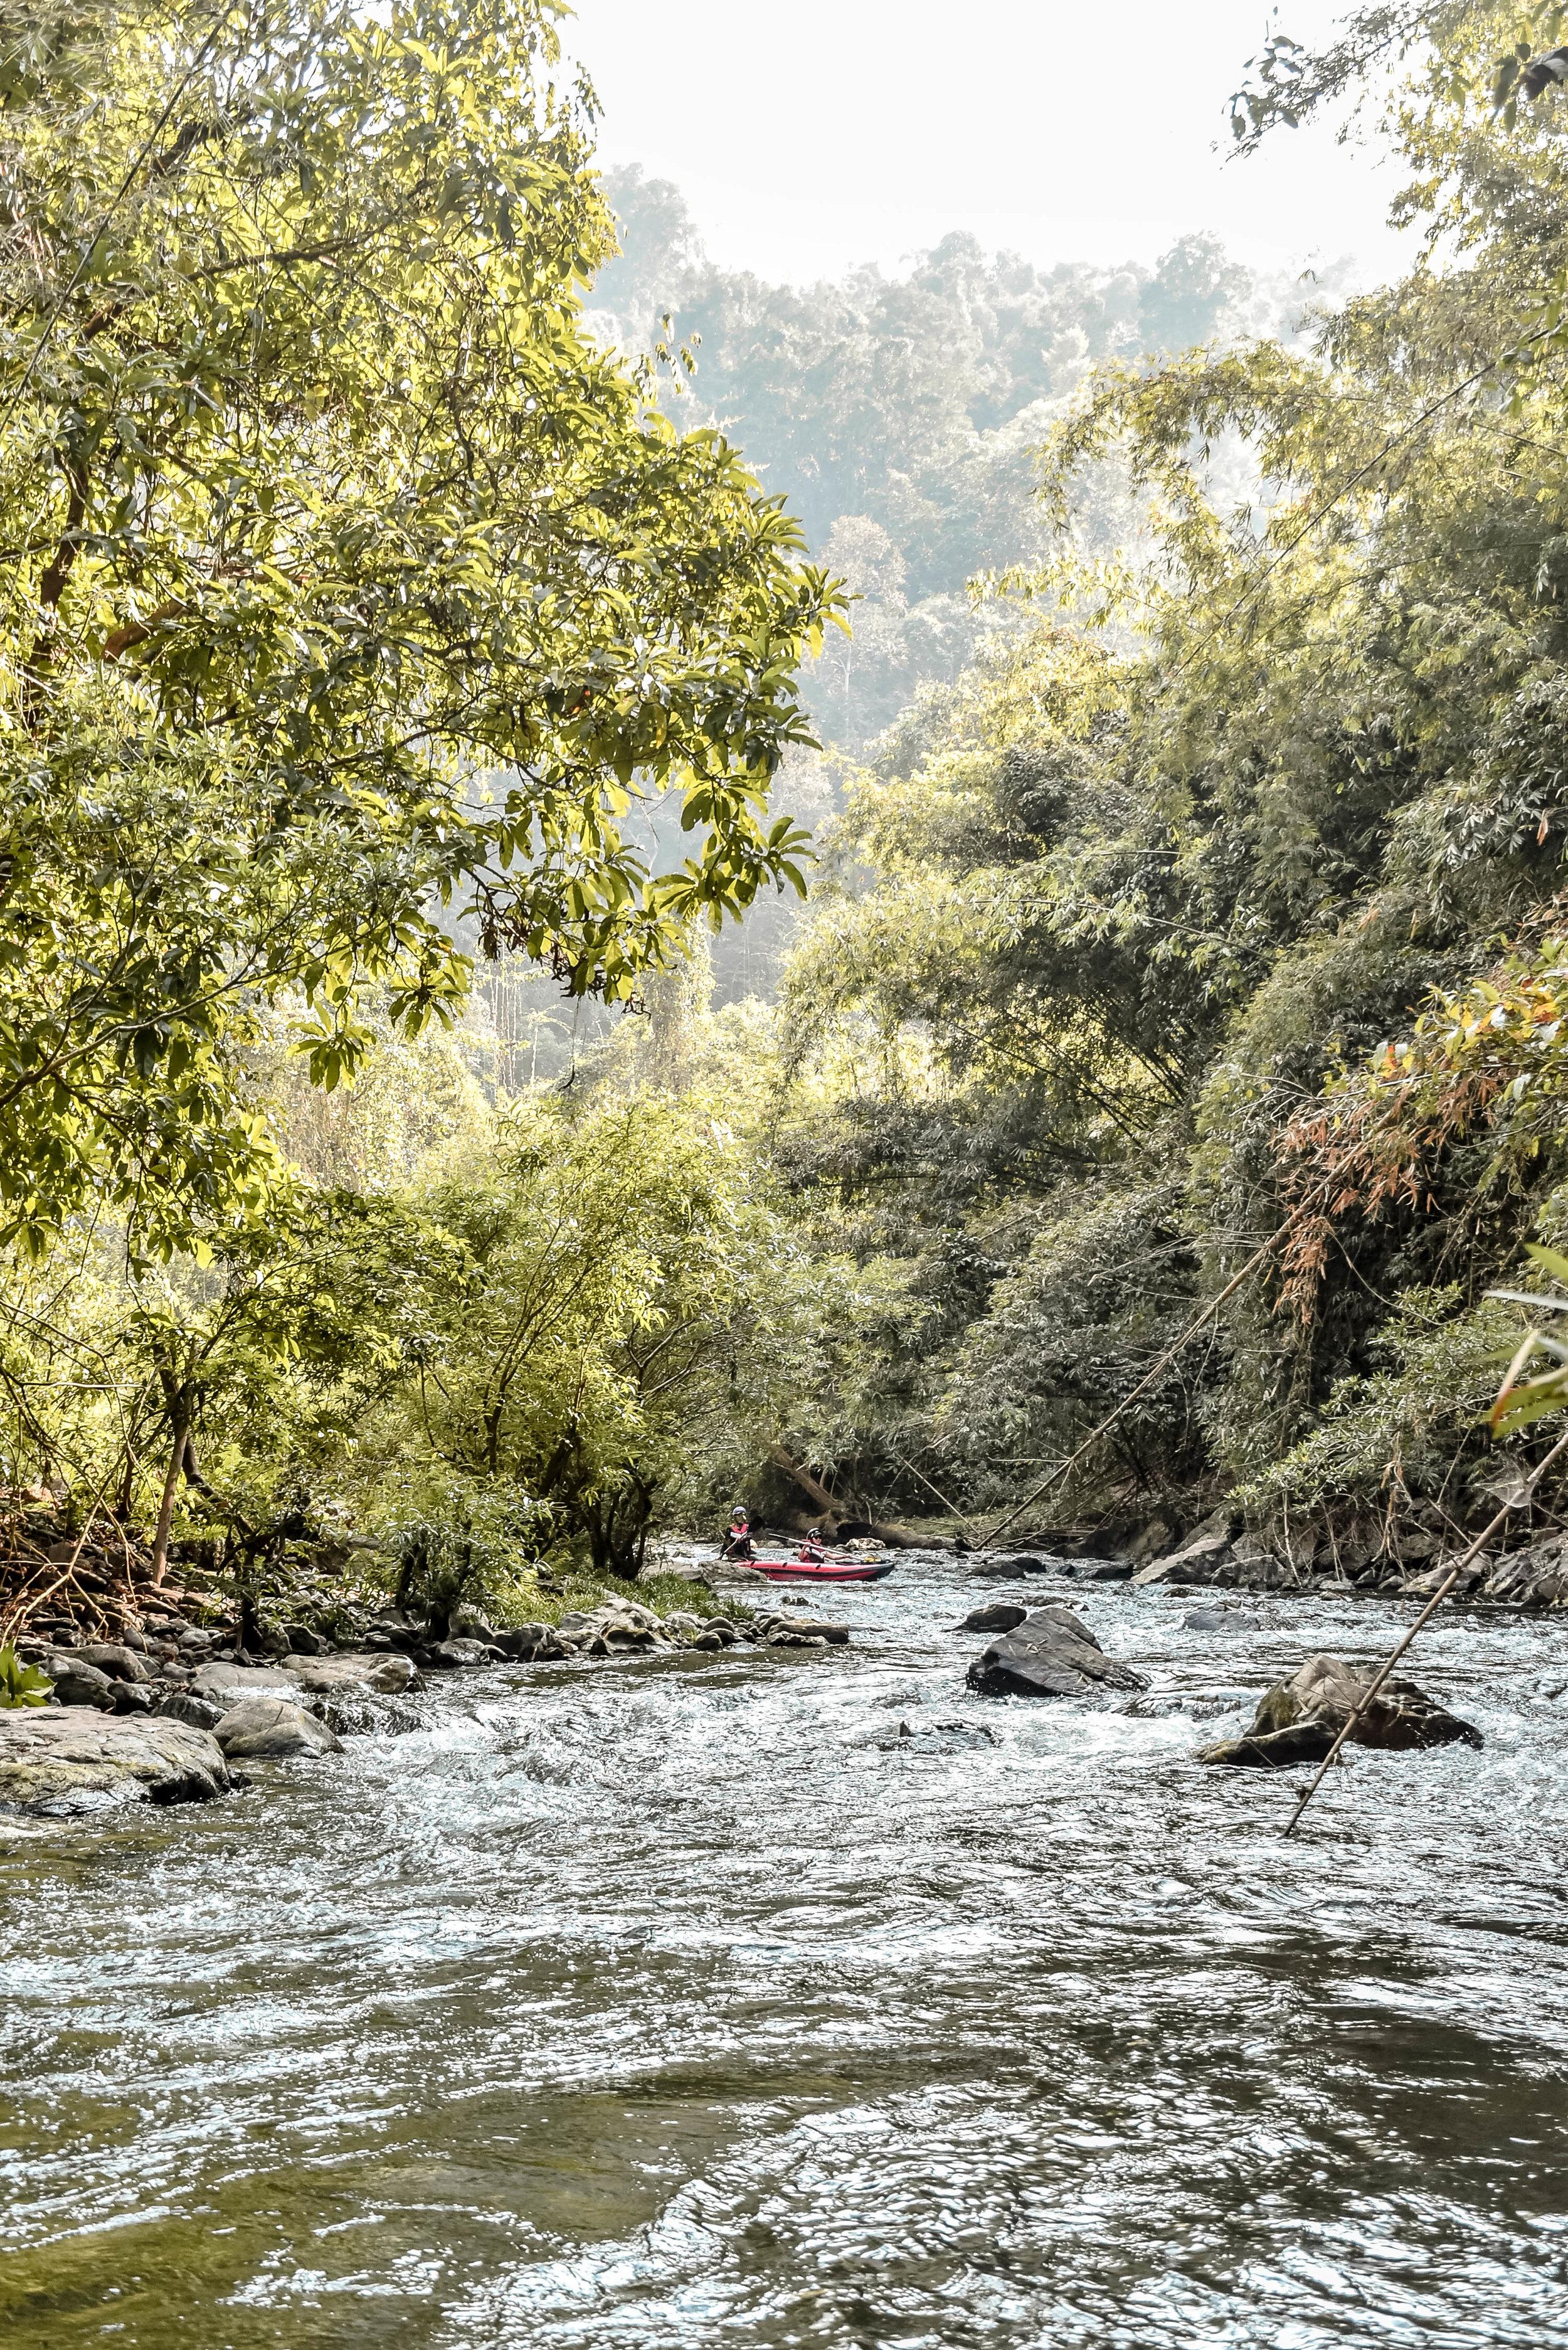 KAYAKING THE NAM HA RIVER IN LAOS